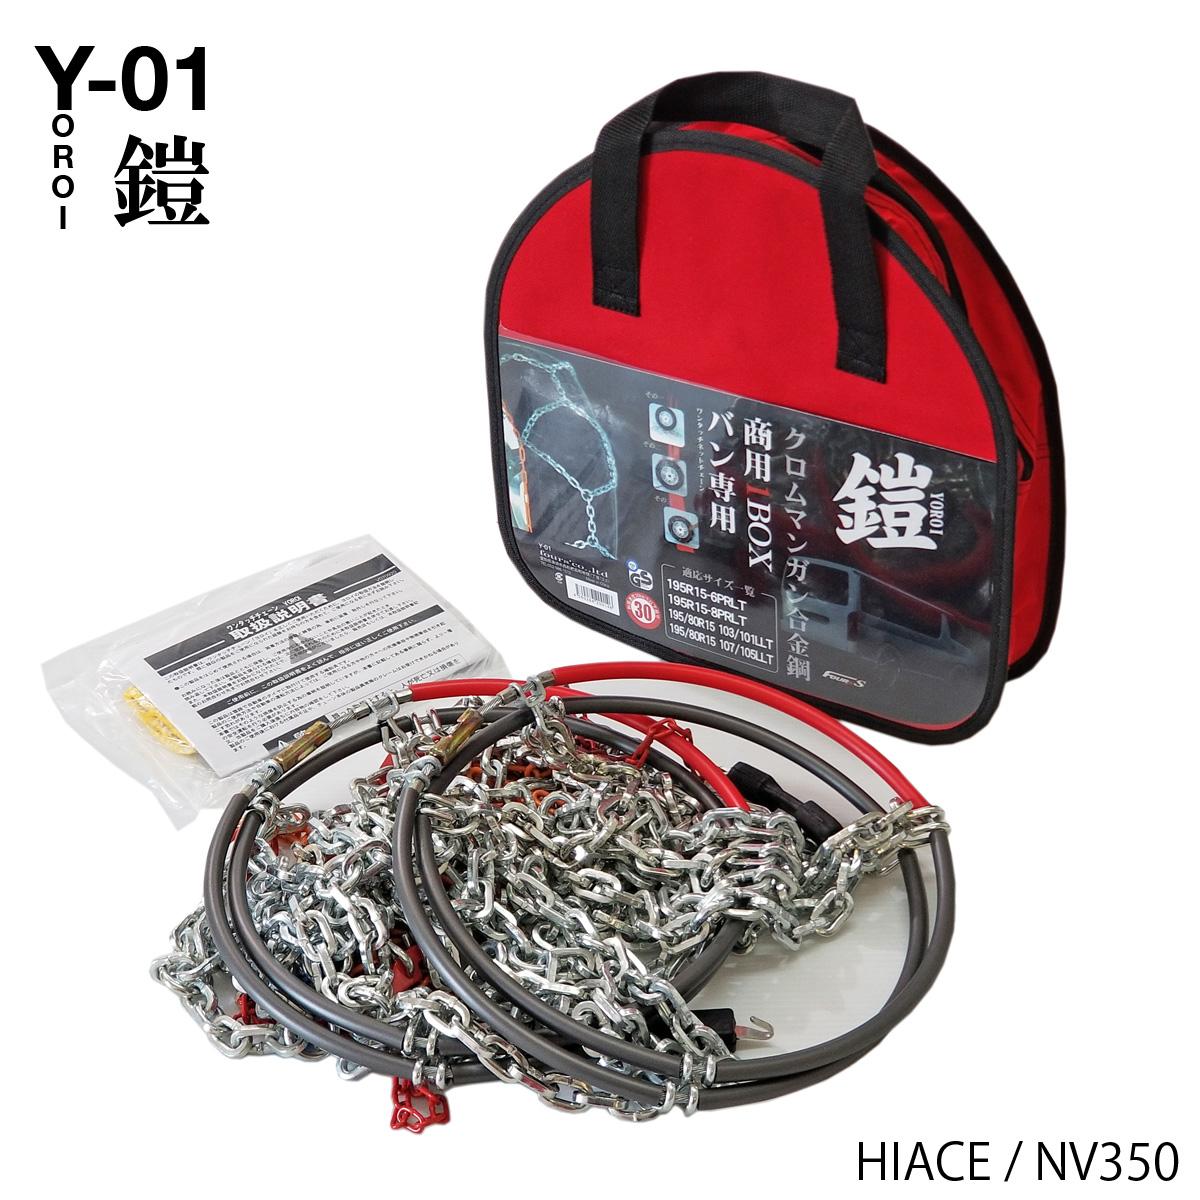 商用VAN/1BOX専用タイヤチェーン 鎧-YOROI- Y-01 トヨタ(TOYOTA)ハイエース/日産(ニッサン)NV350 キャラバン・ホーミーなど,ジャッキアップ不要のワンタッチチェーン four's 15インチ/LTタイヤOK 送料無料